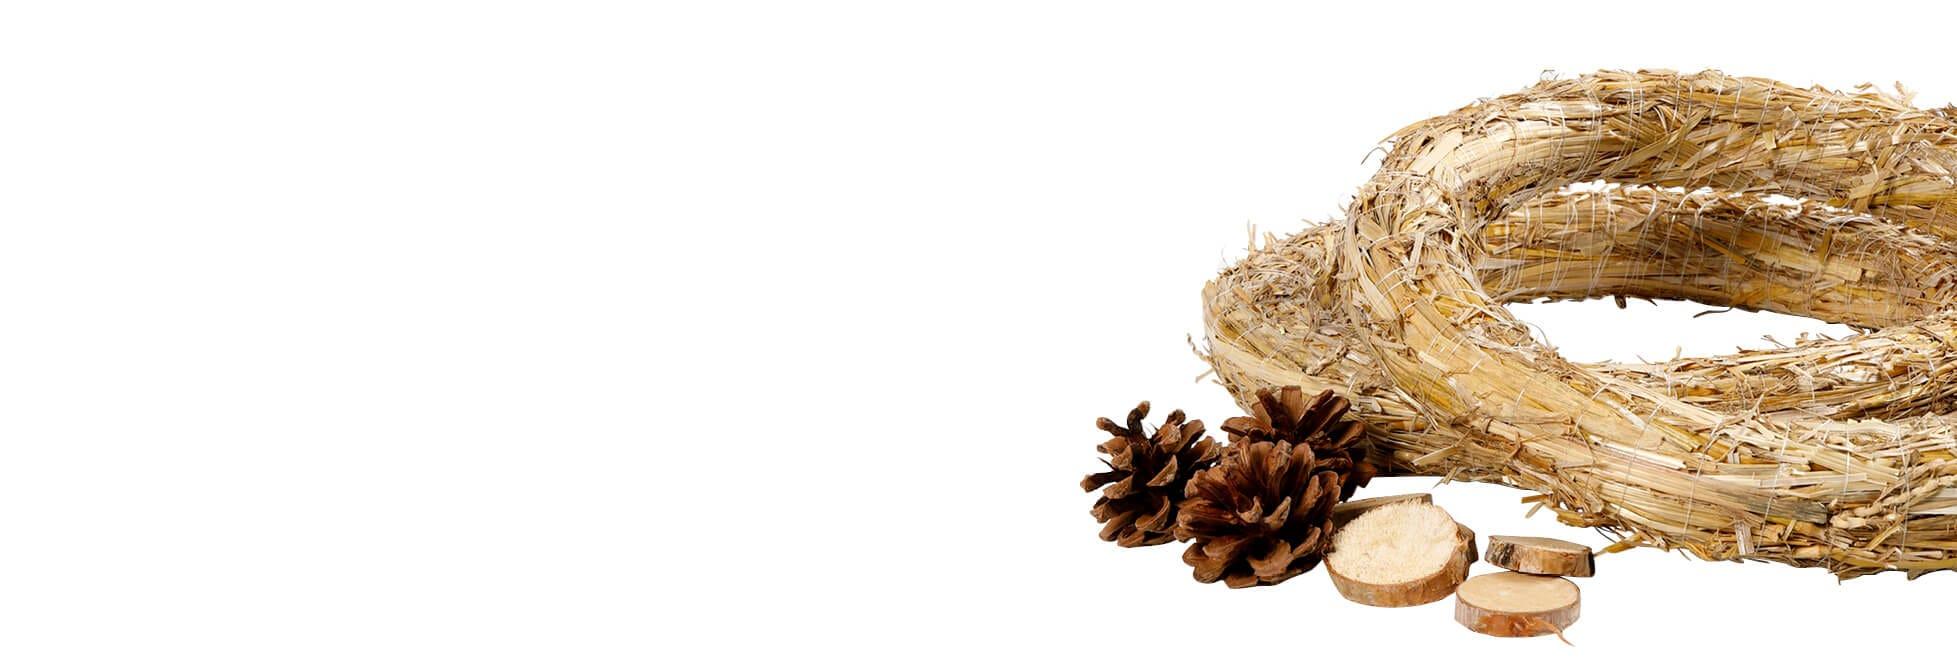 Compositions florales et matériel pour tressage de paniers